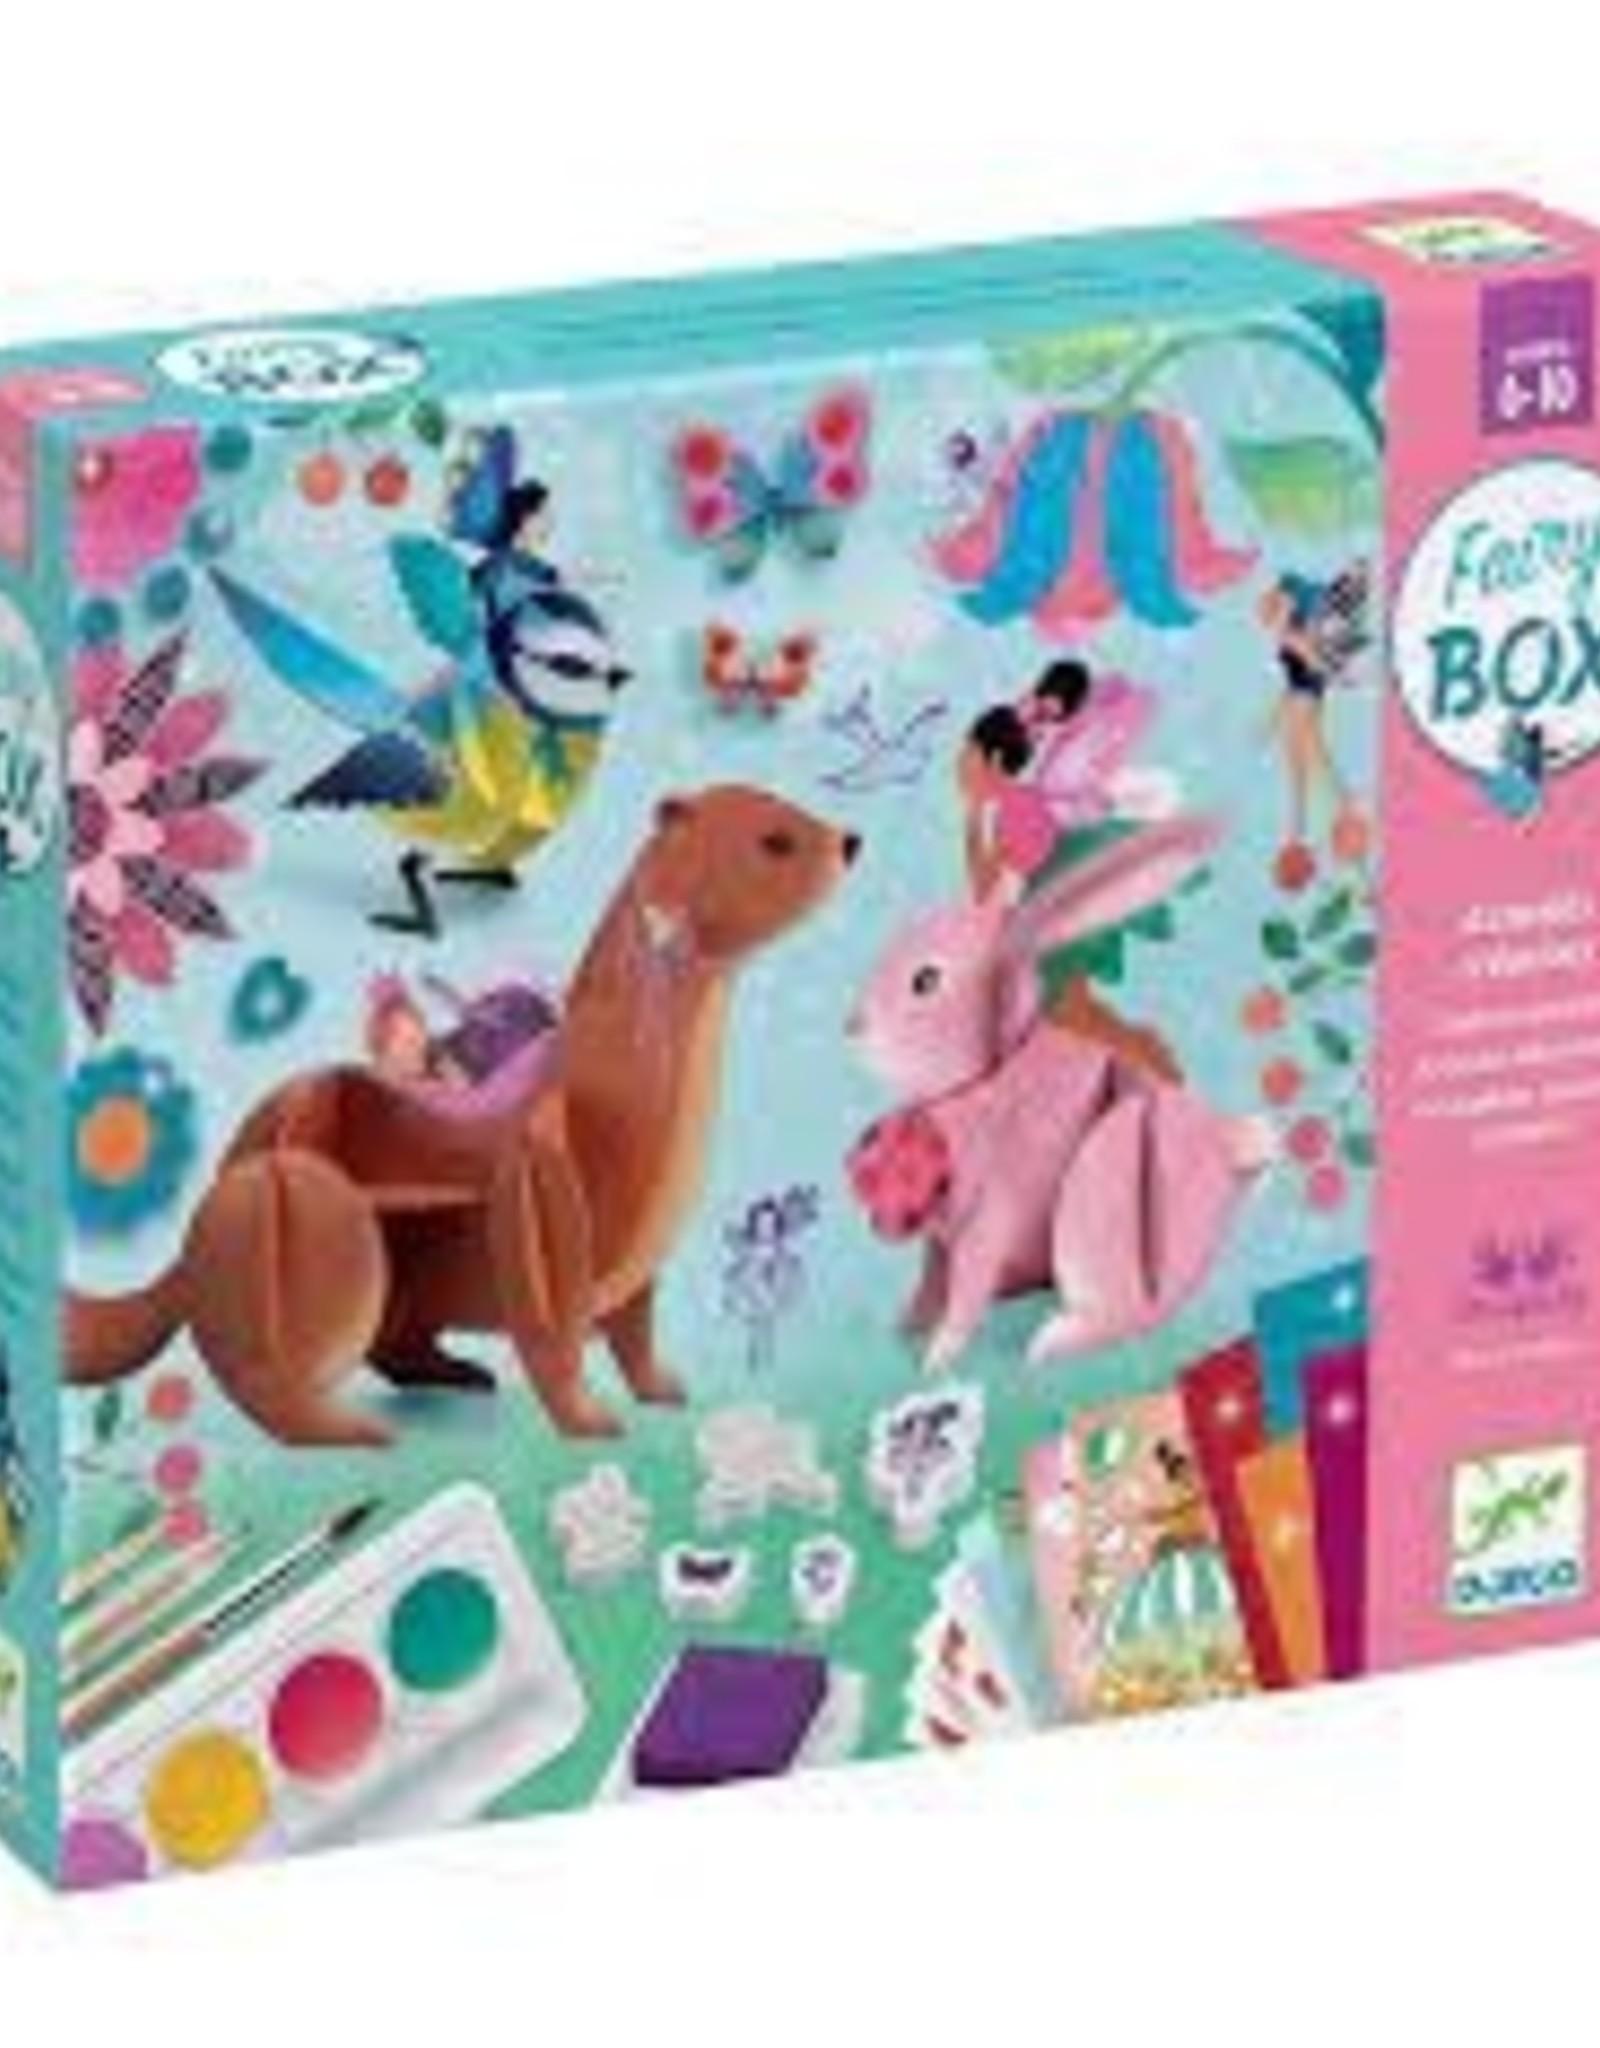 Djeco Fairy Box